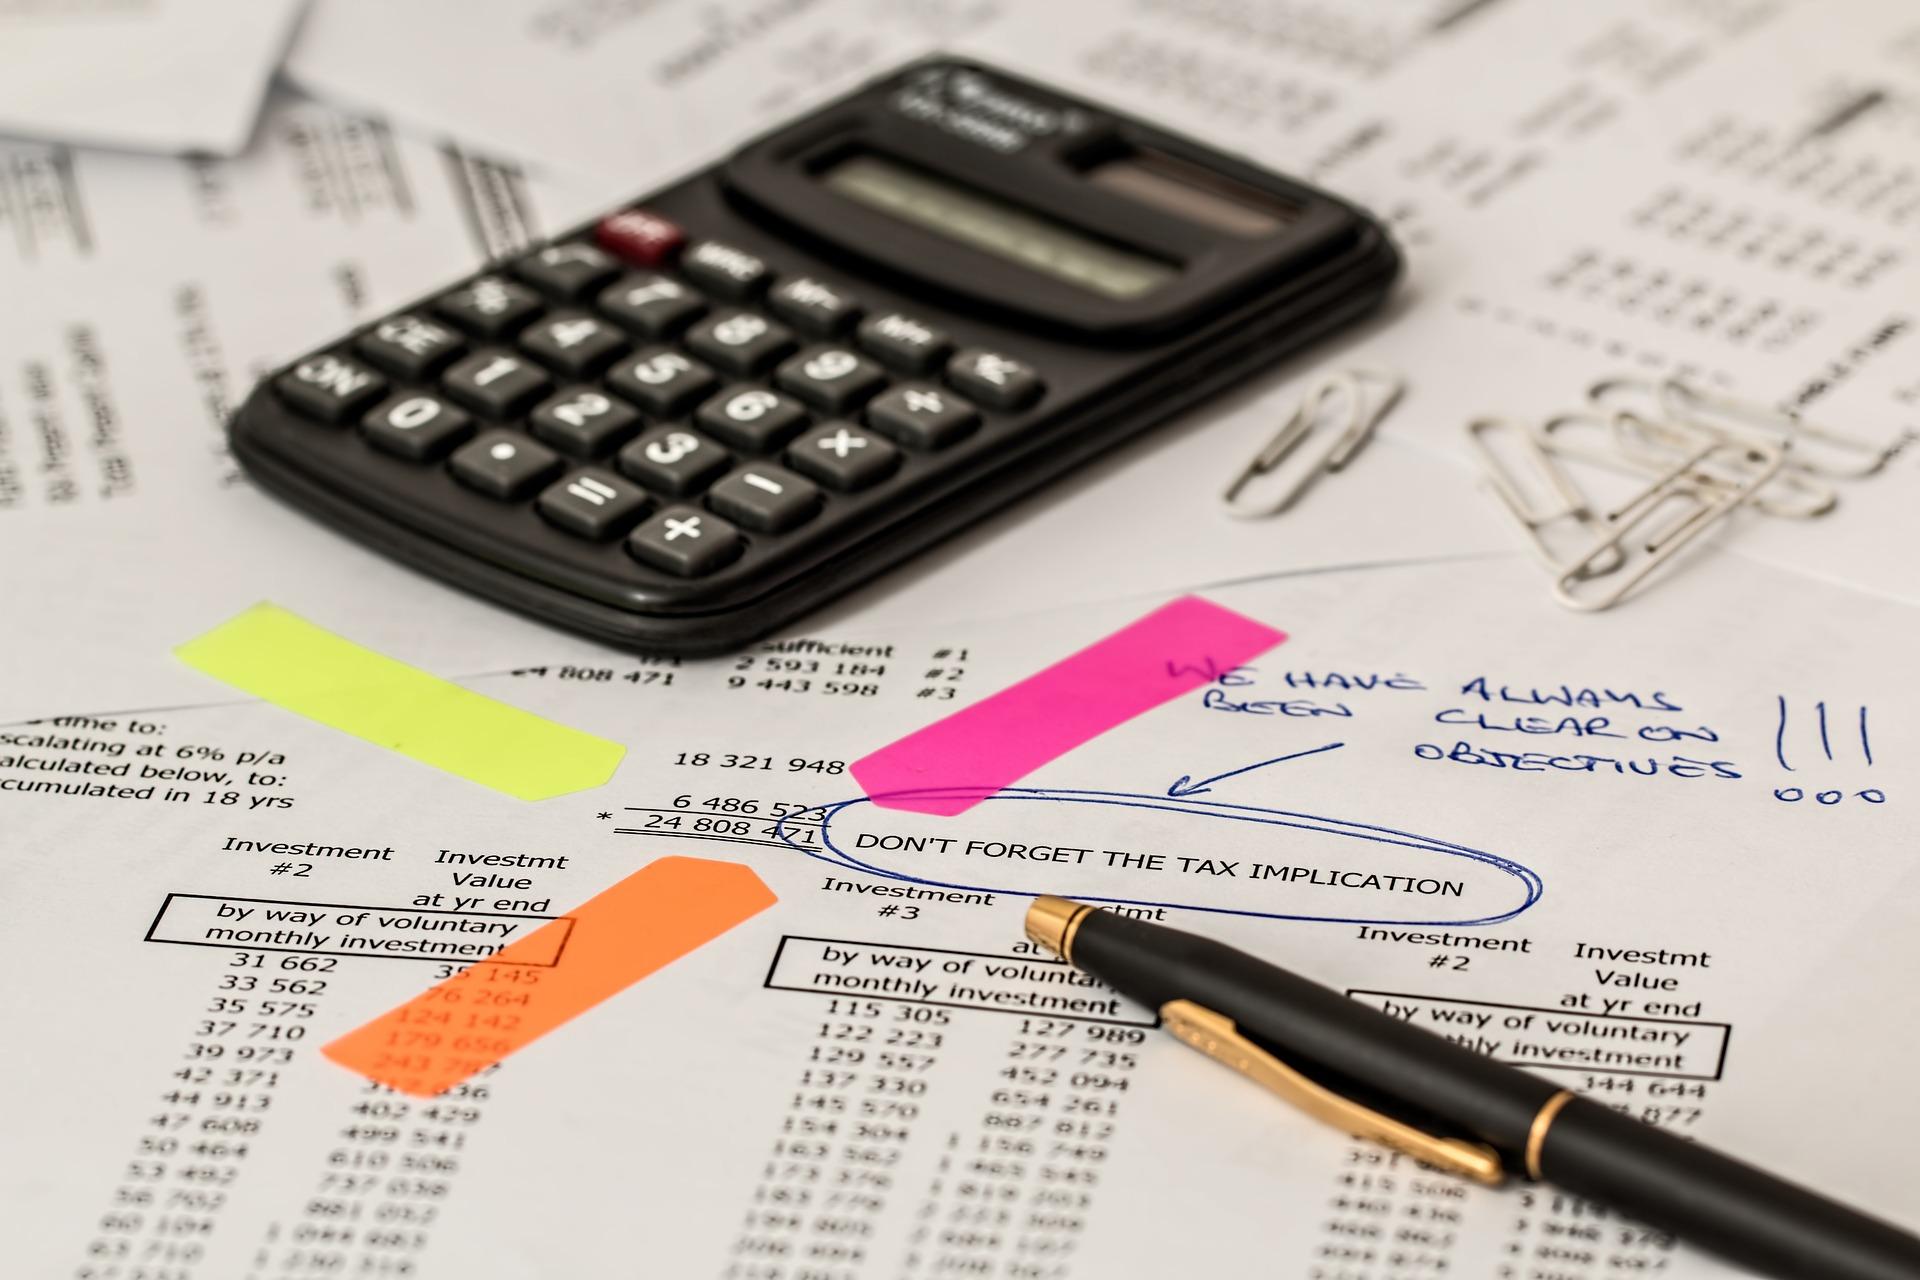 Das Foto zeigt ein Blatt Papier mit verschiedenen Zahlenbudgets. Darauf liegen ein Taschenrechner und ein Stift.